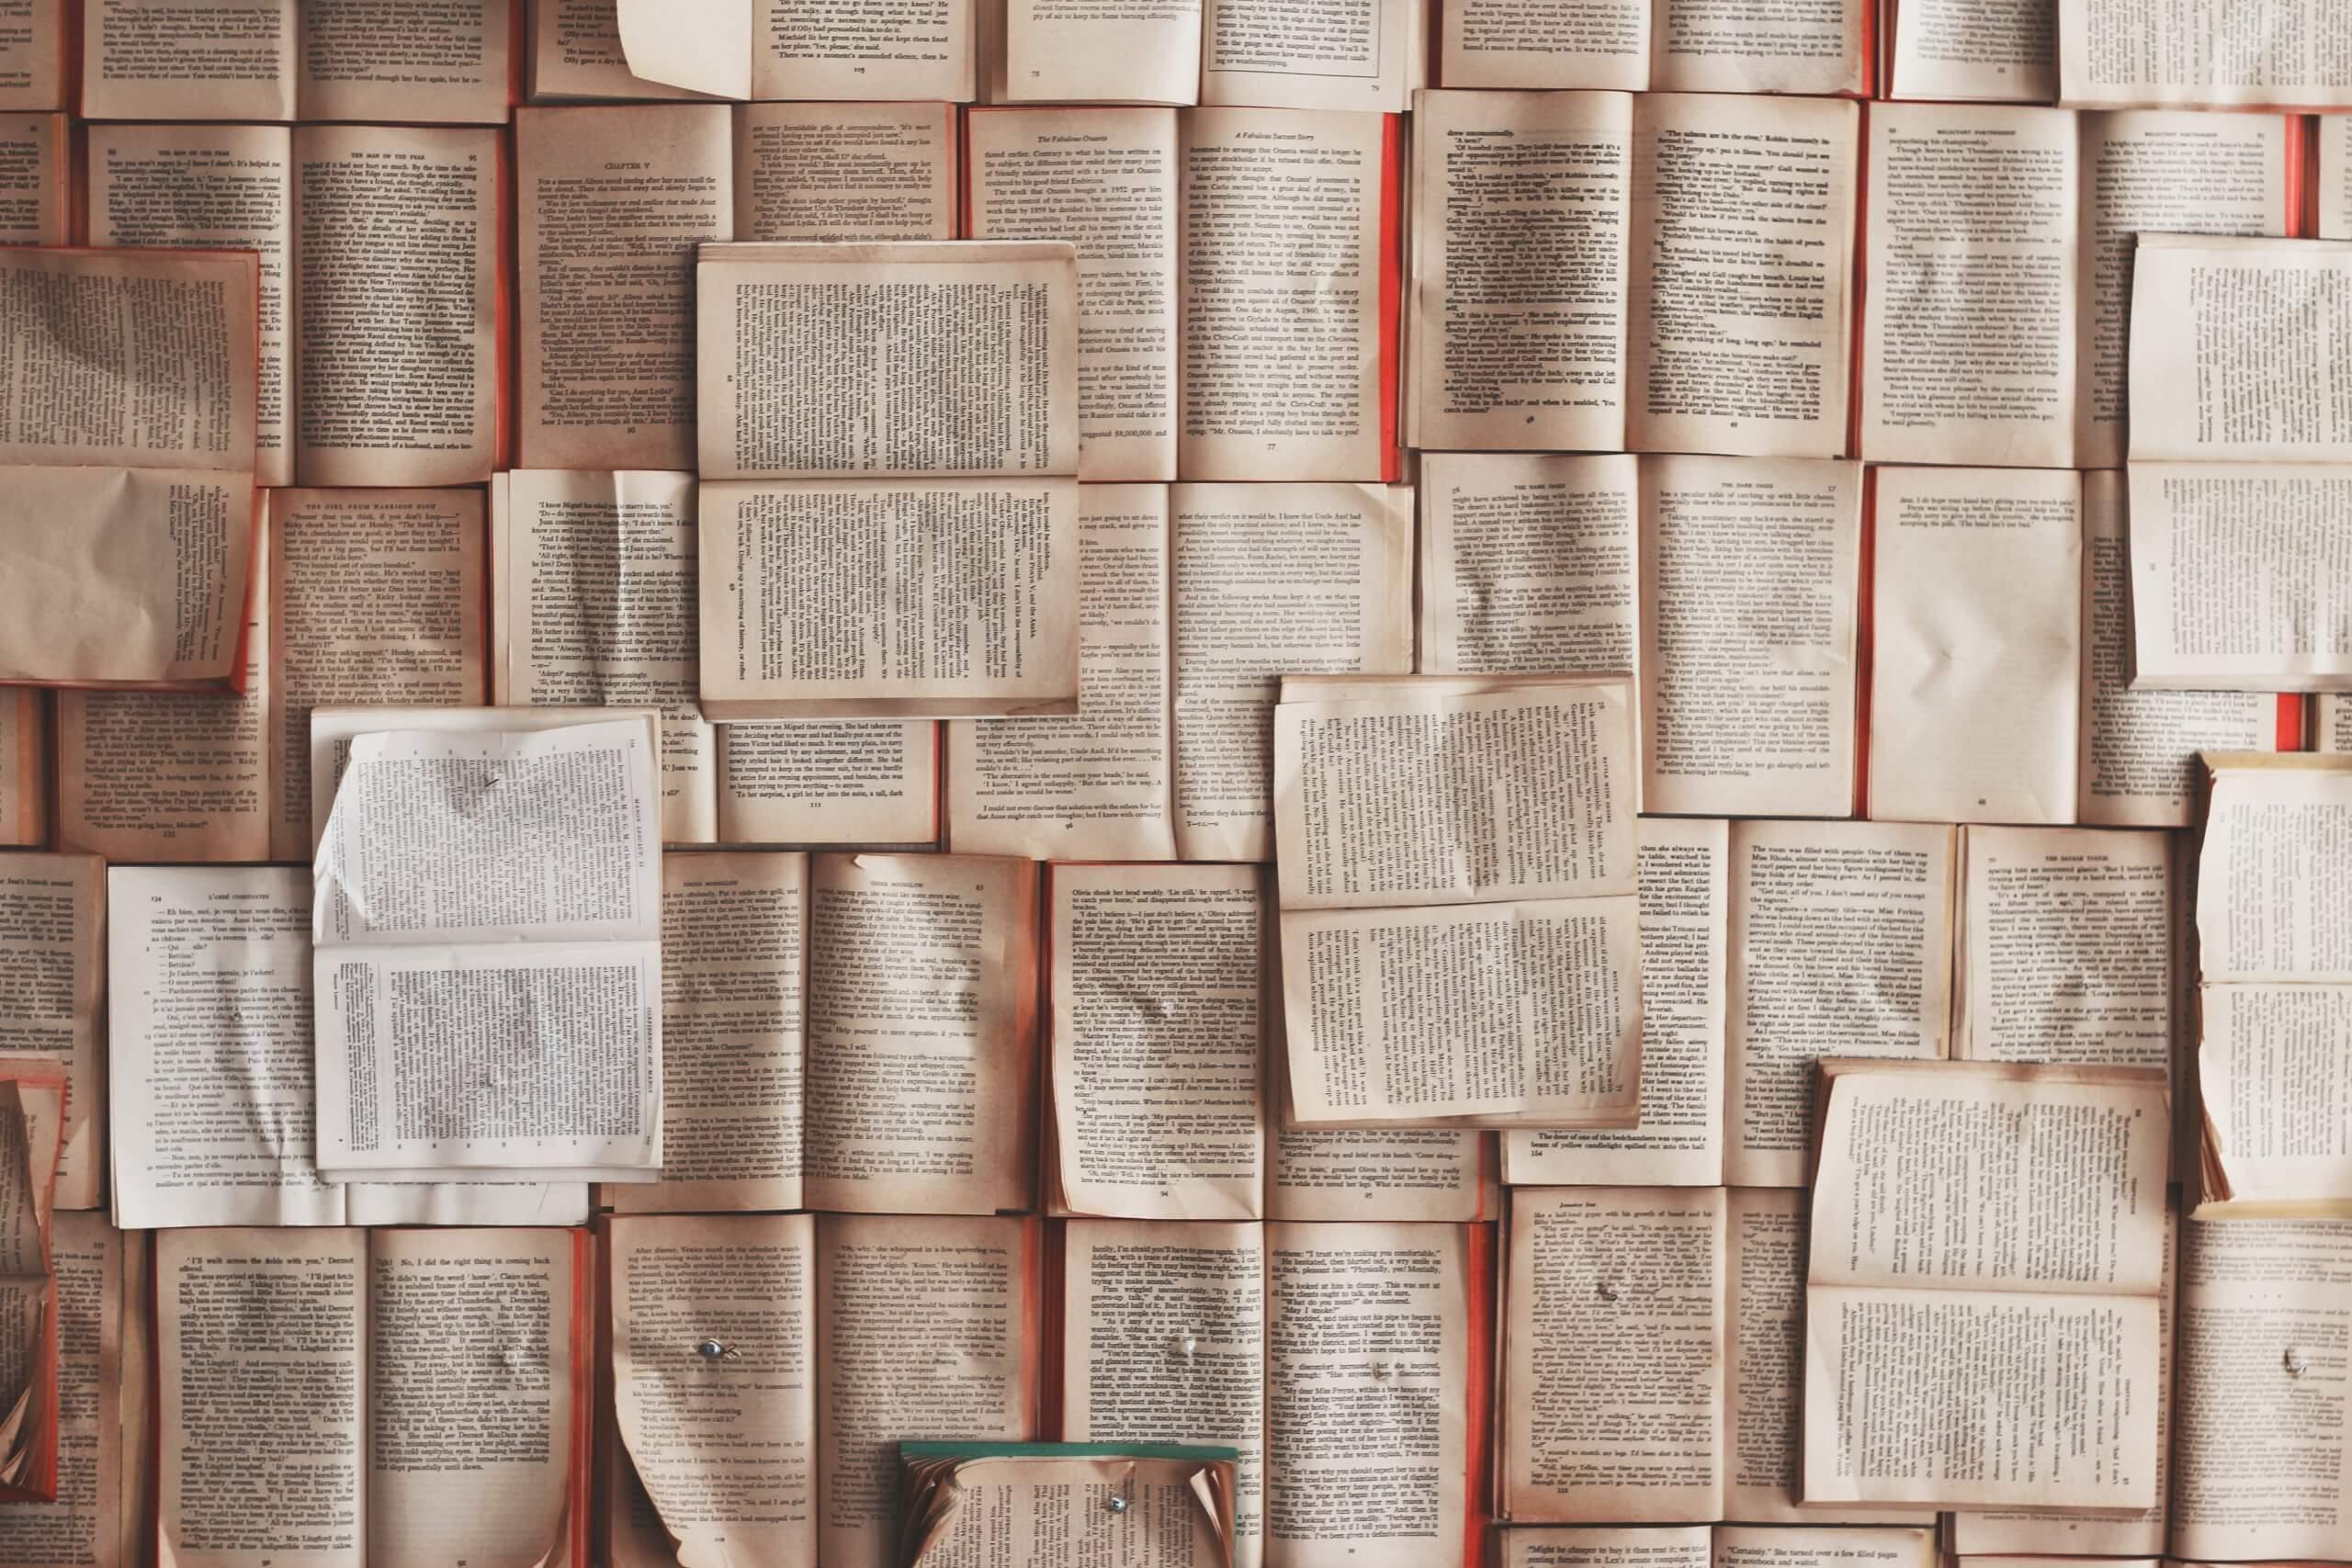 vários livros abertos pousados no chão